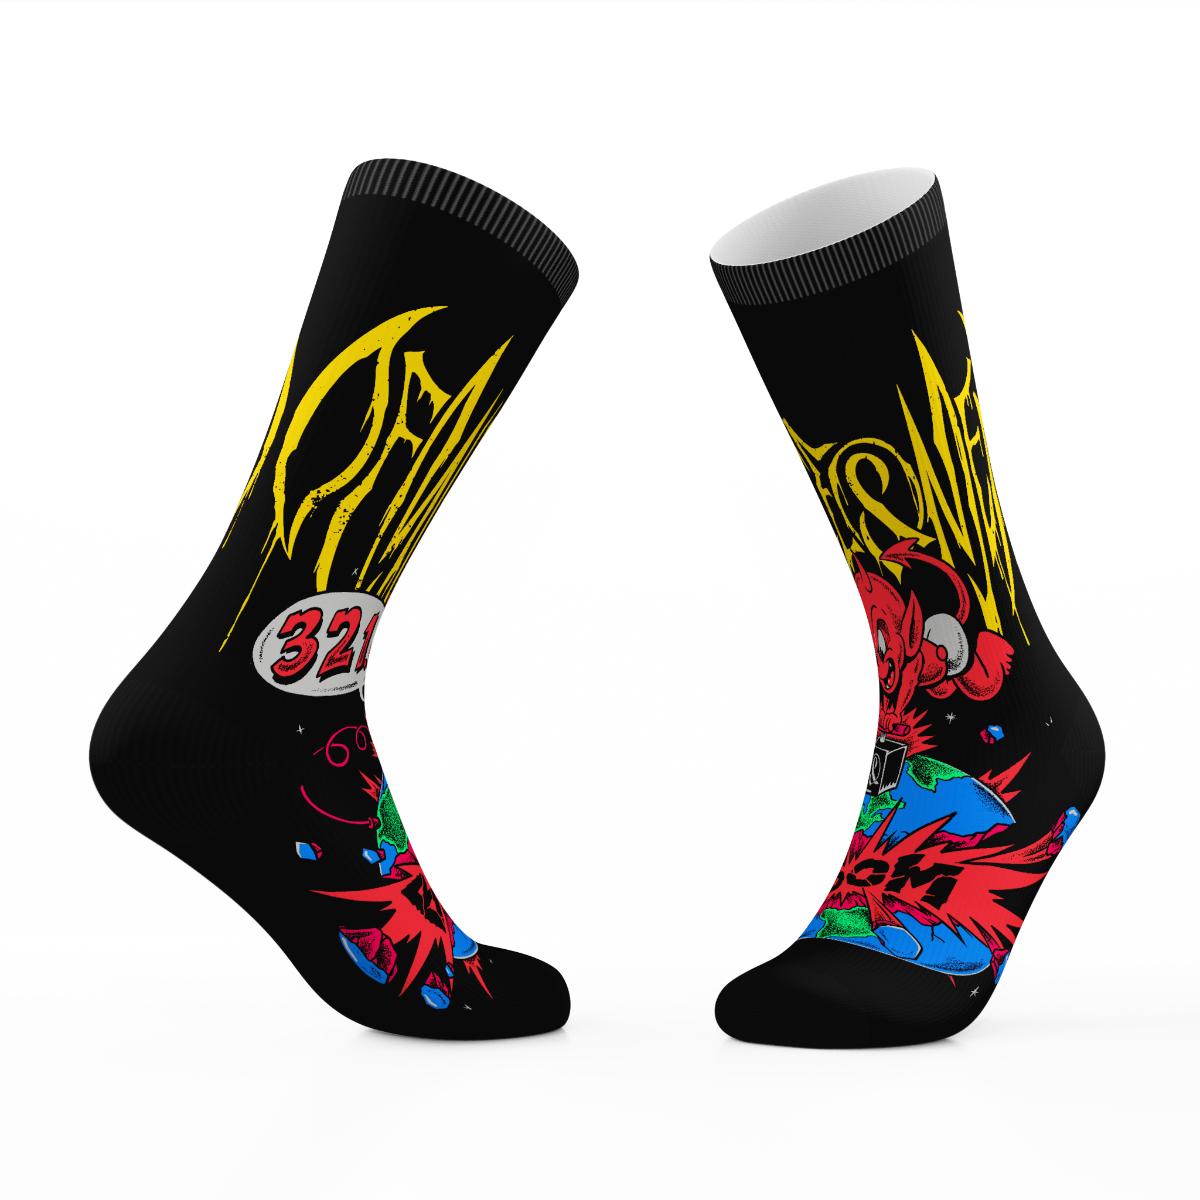 321 Tribe Socks